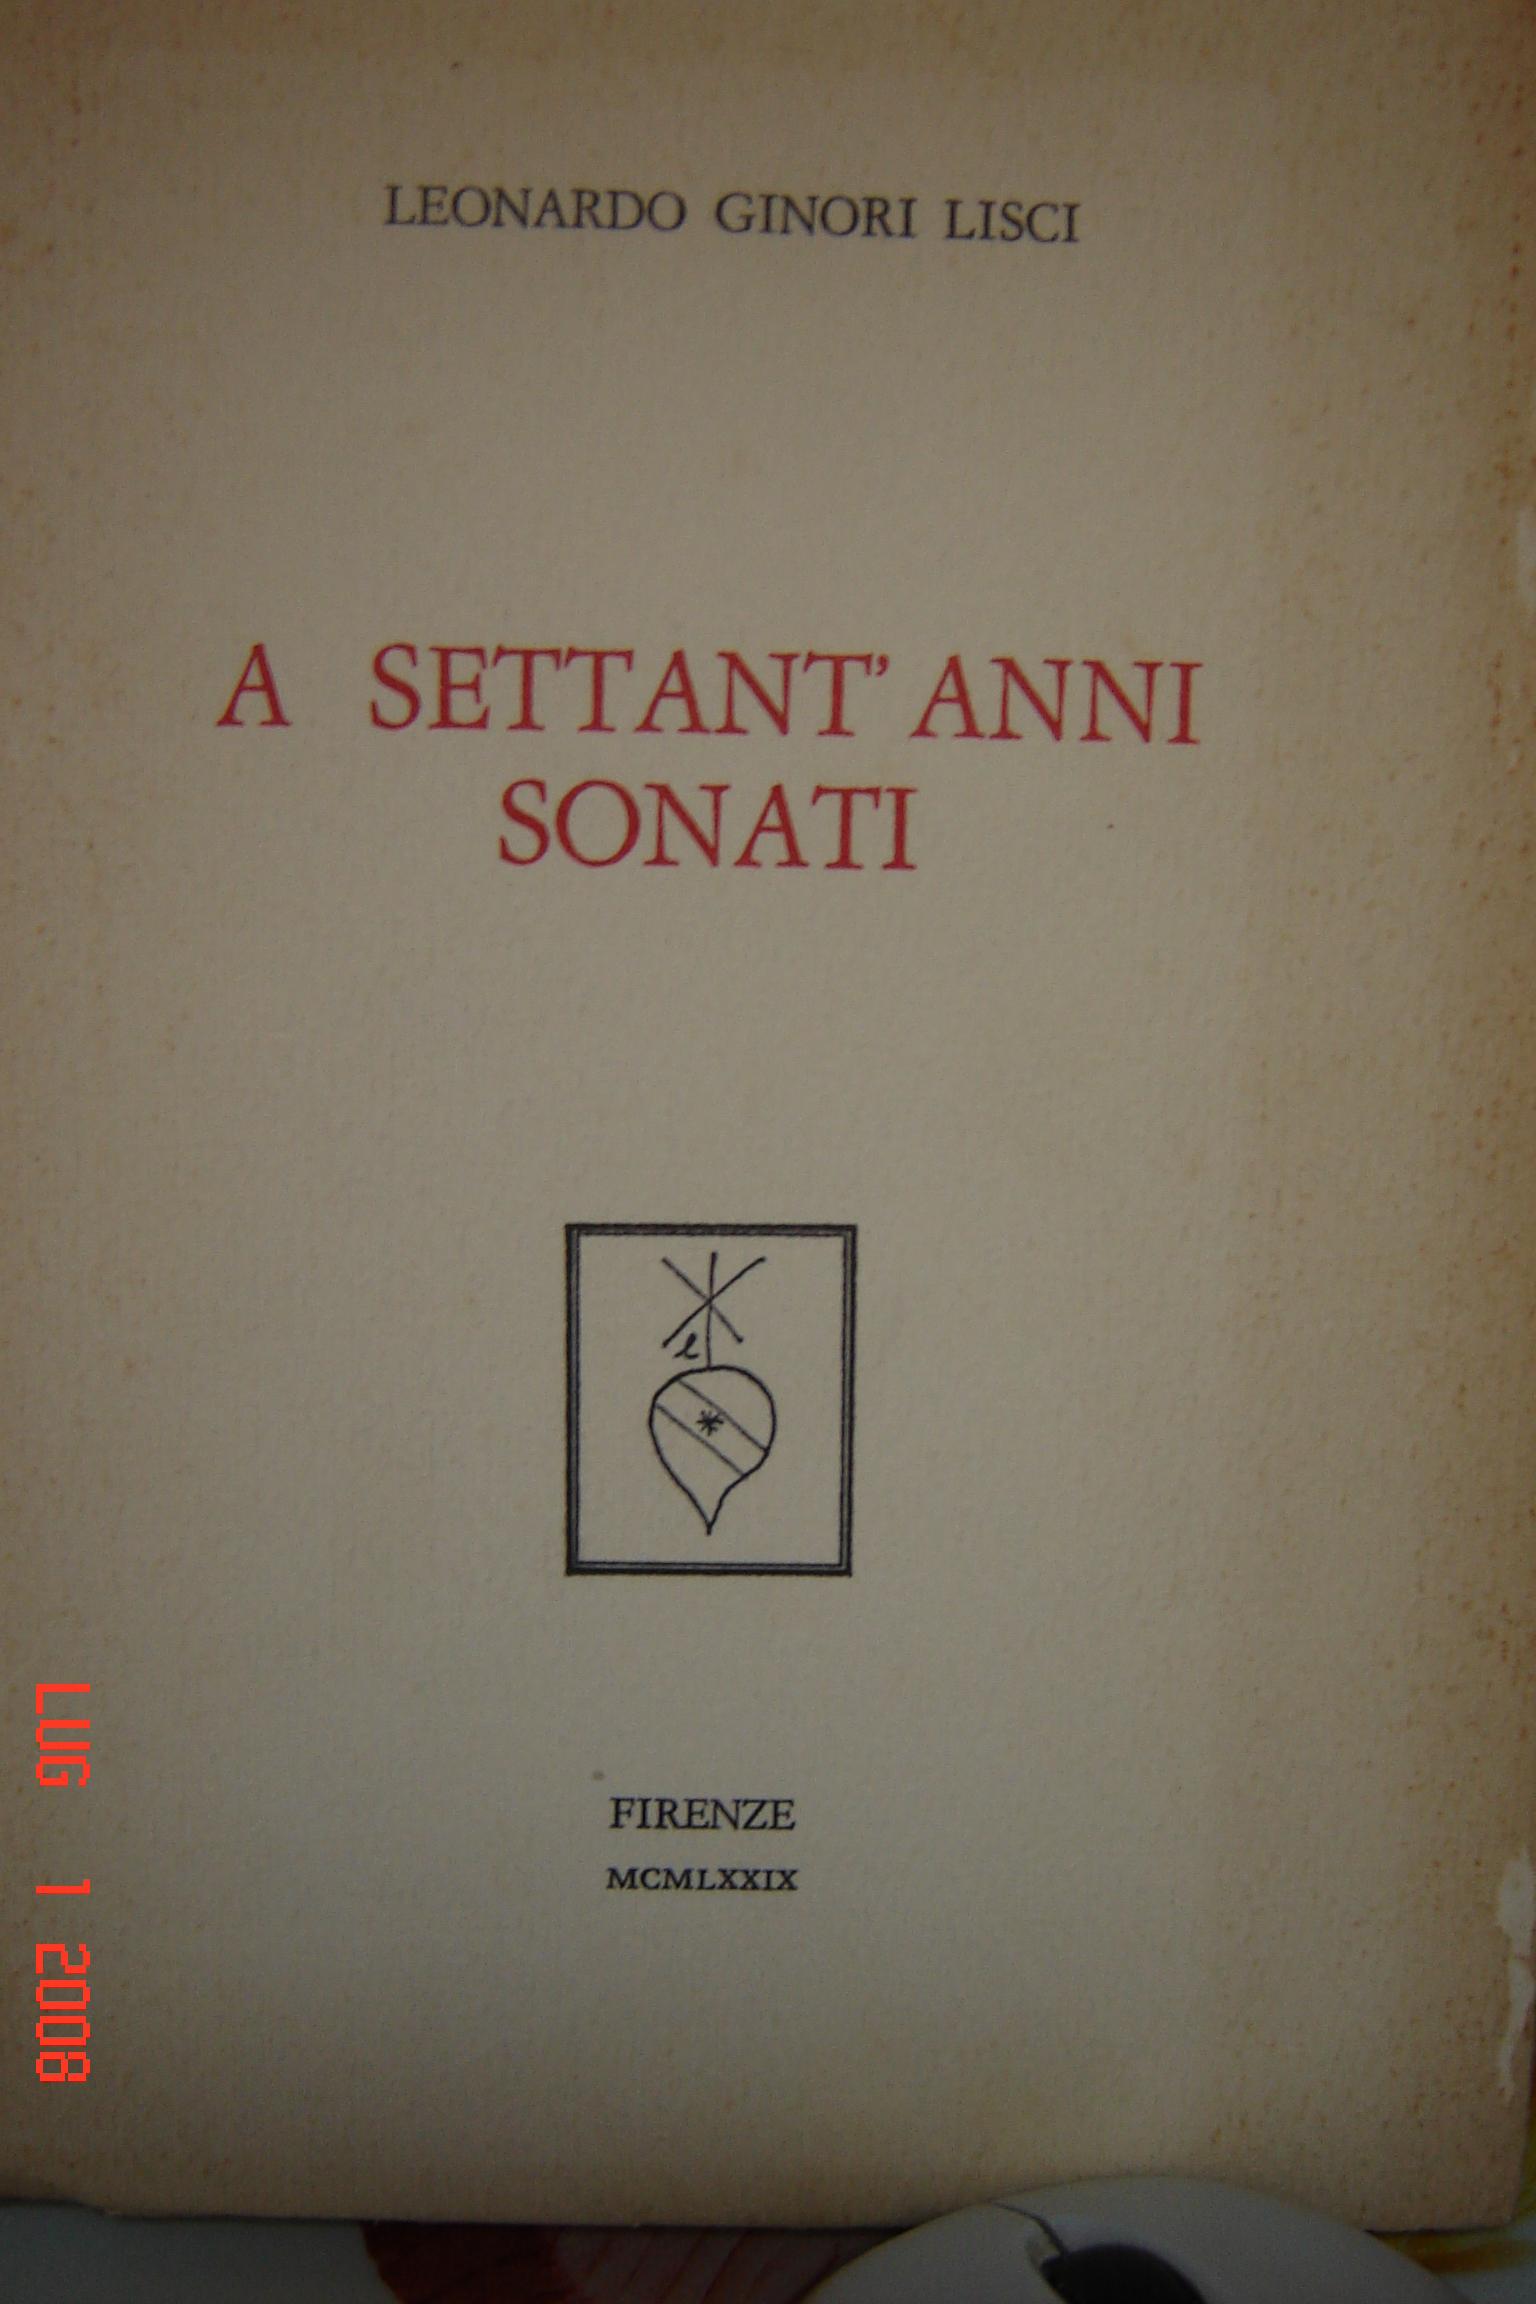 A settant'anni sonati